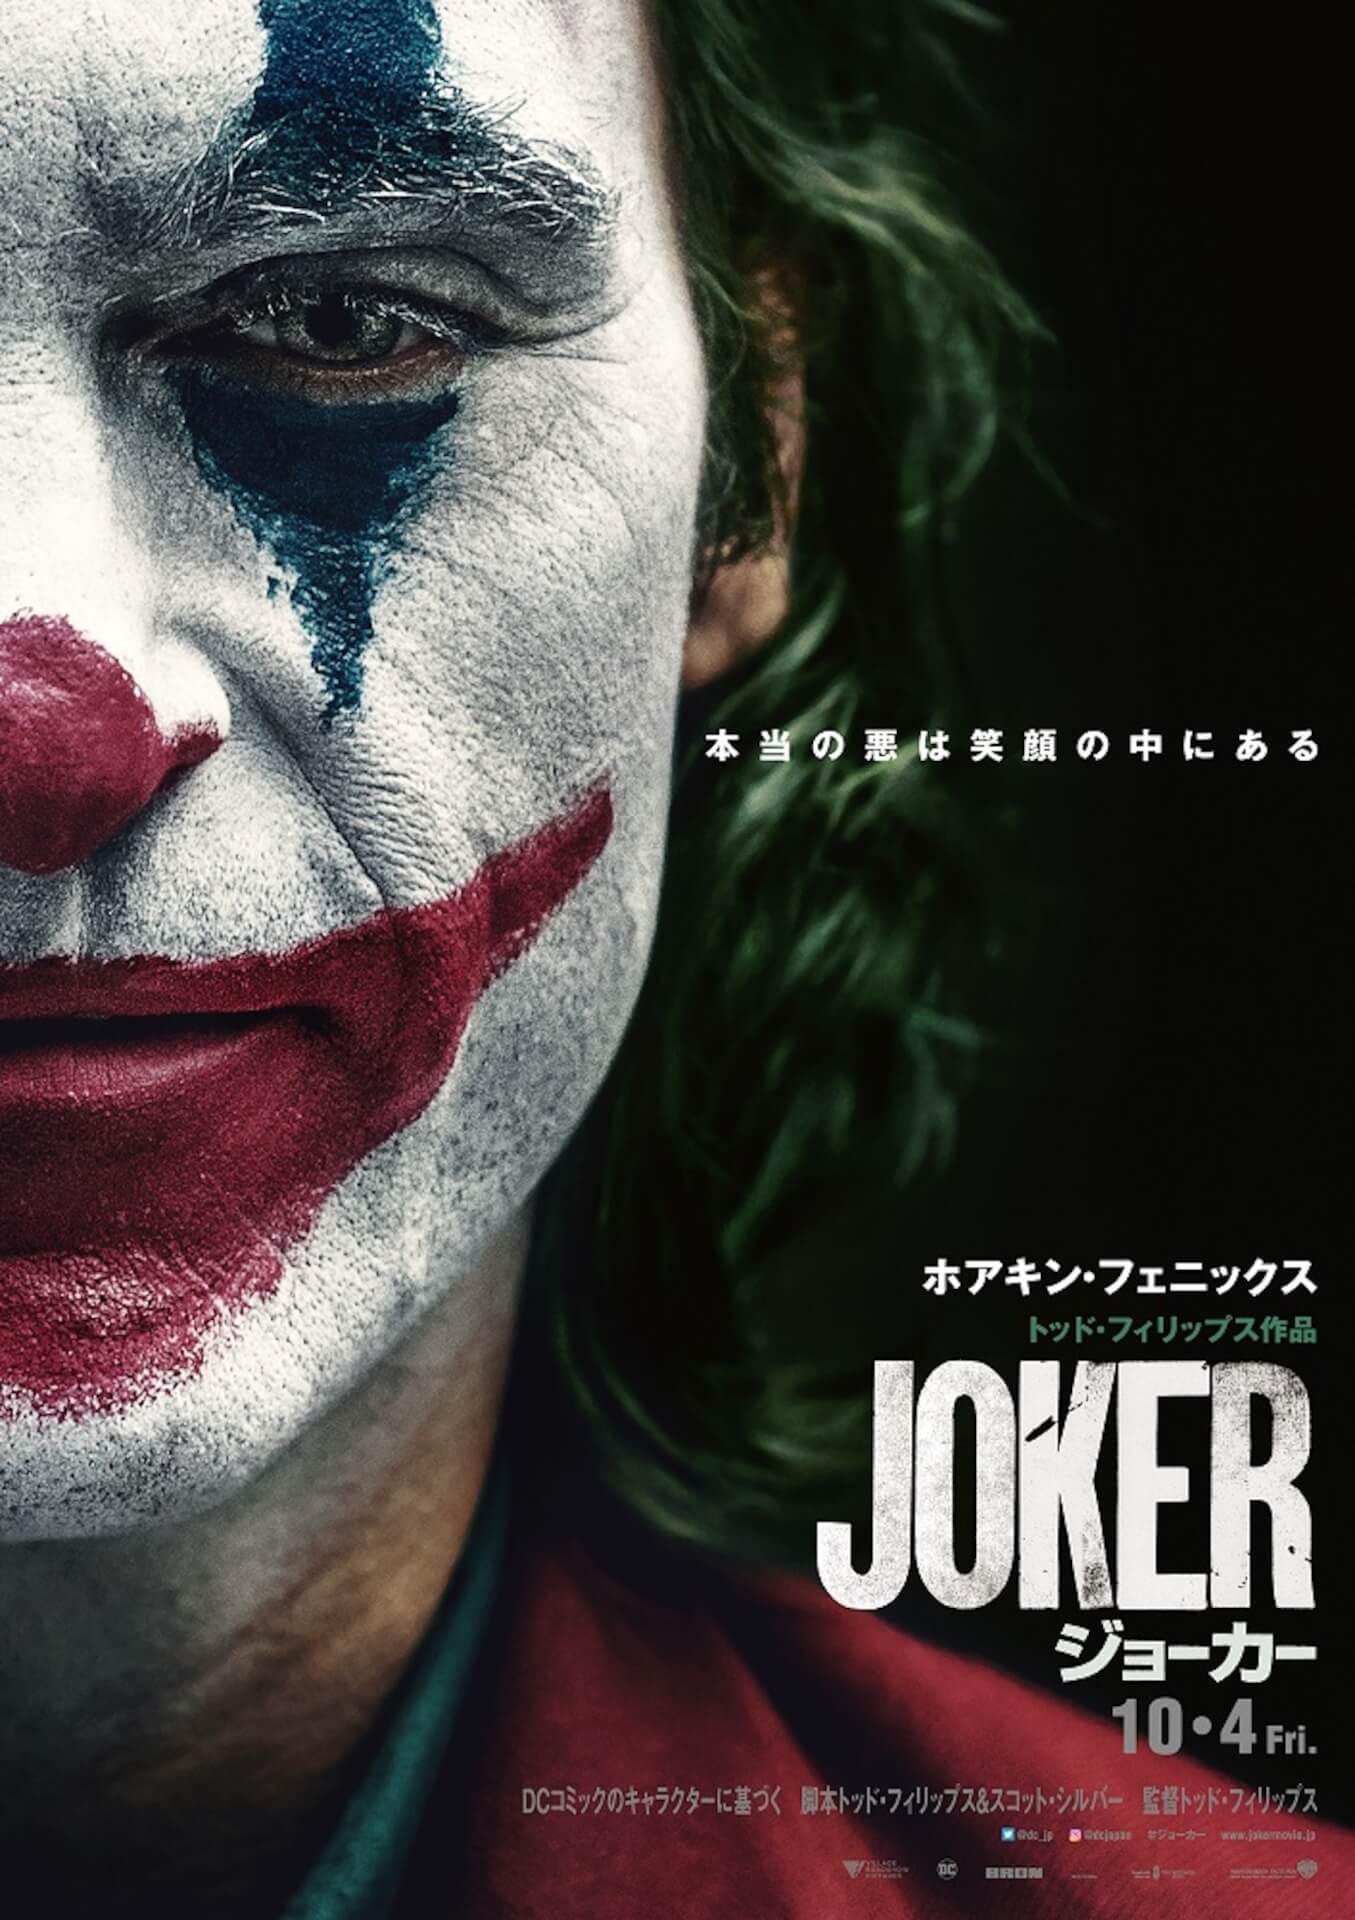 『ジョーカー』まさか!4週連続No.1で17年ぶりの快挙達成&世界興収900億円越え film191028_joker_5